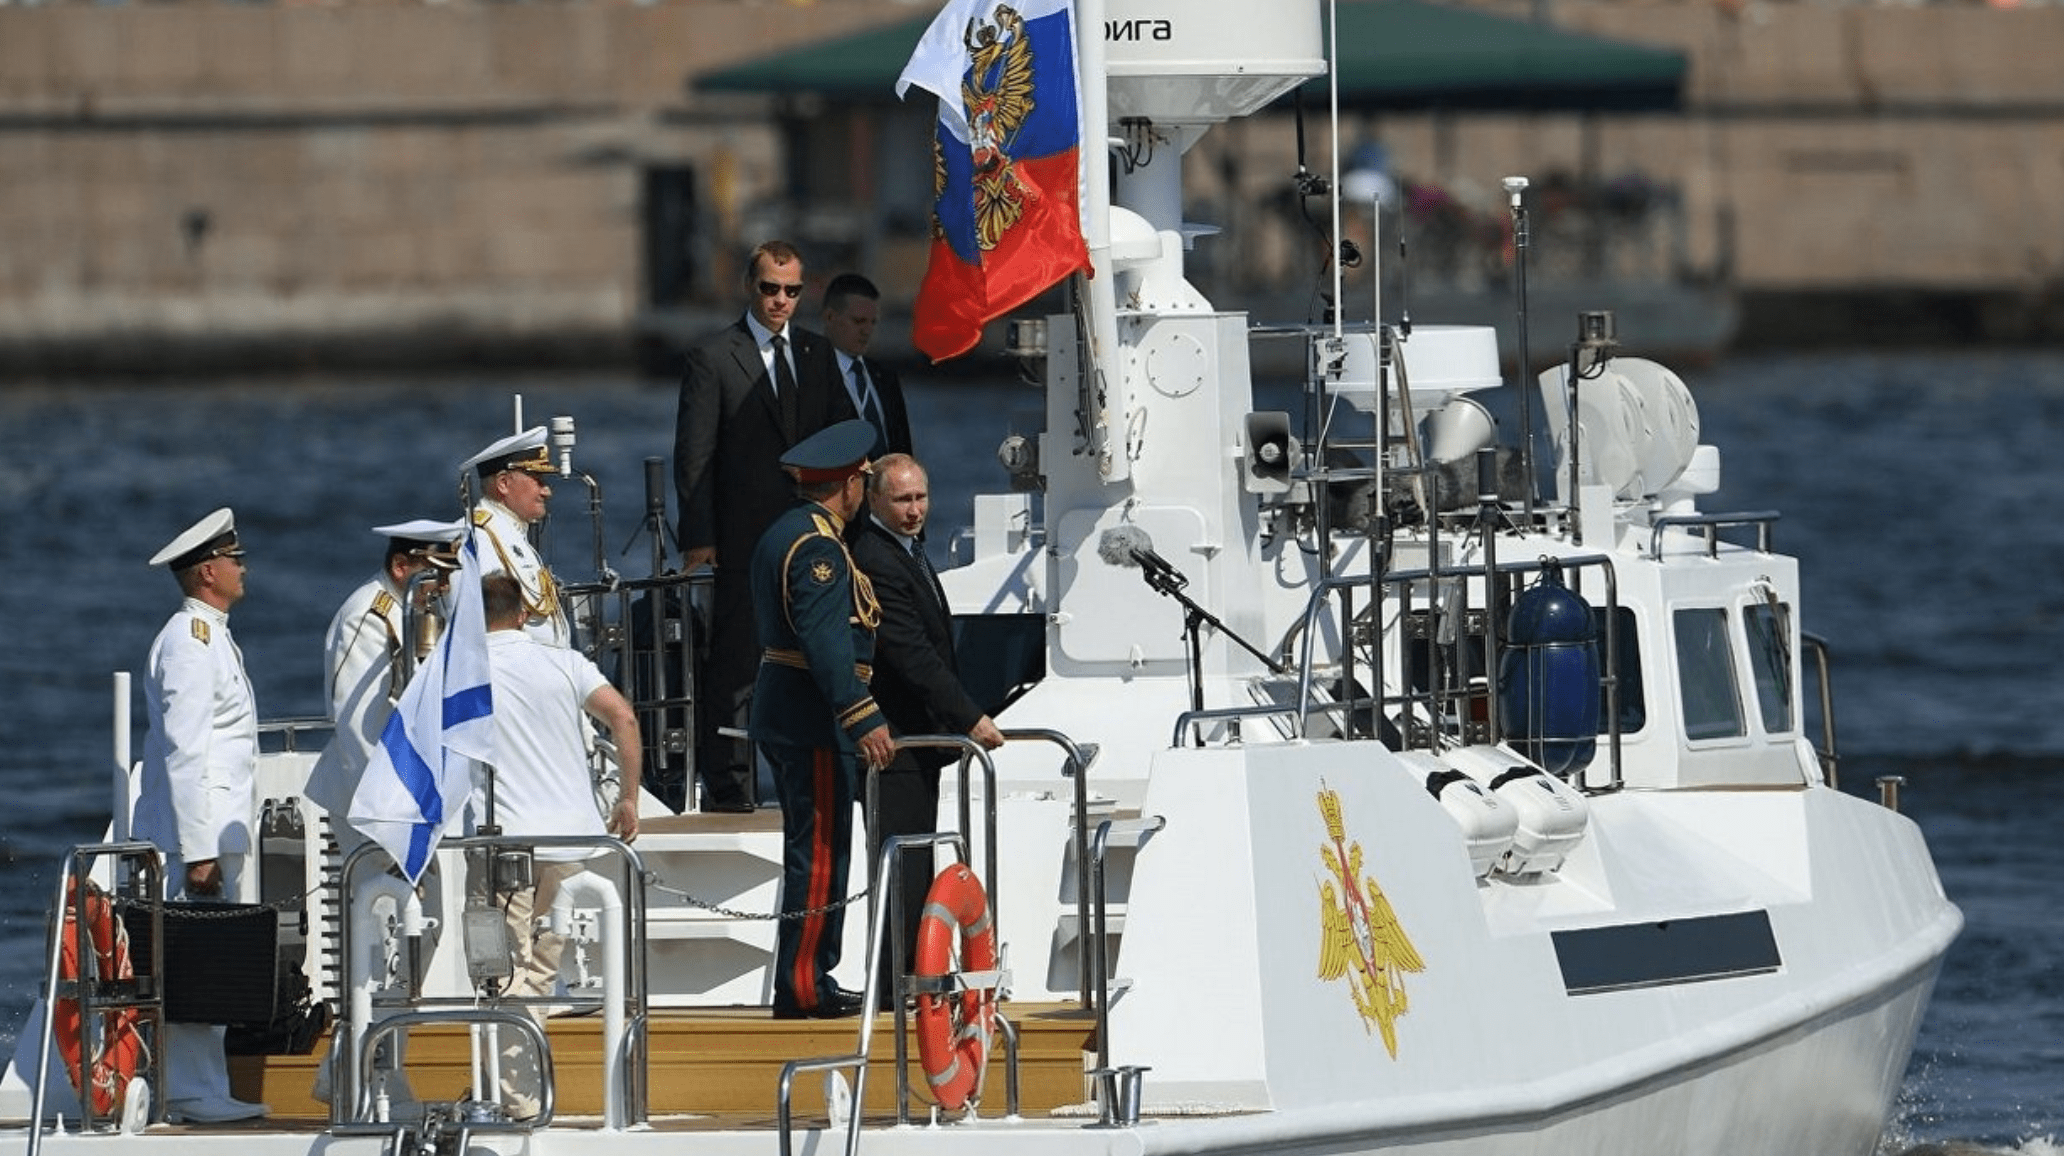 俄罗斯圣彼得堡举行海军节阅兵式